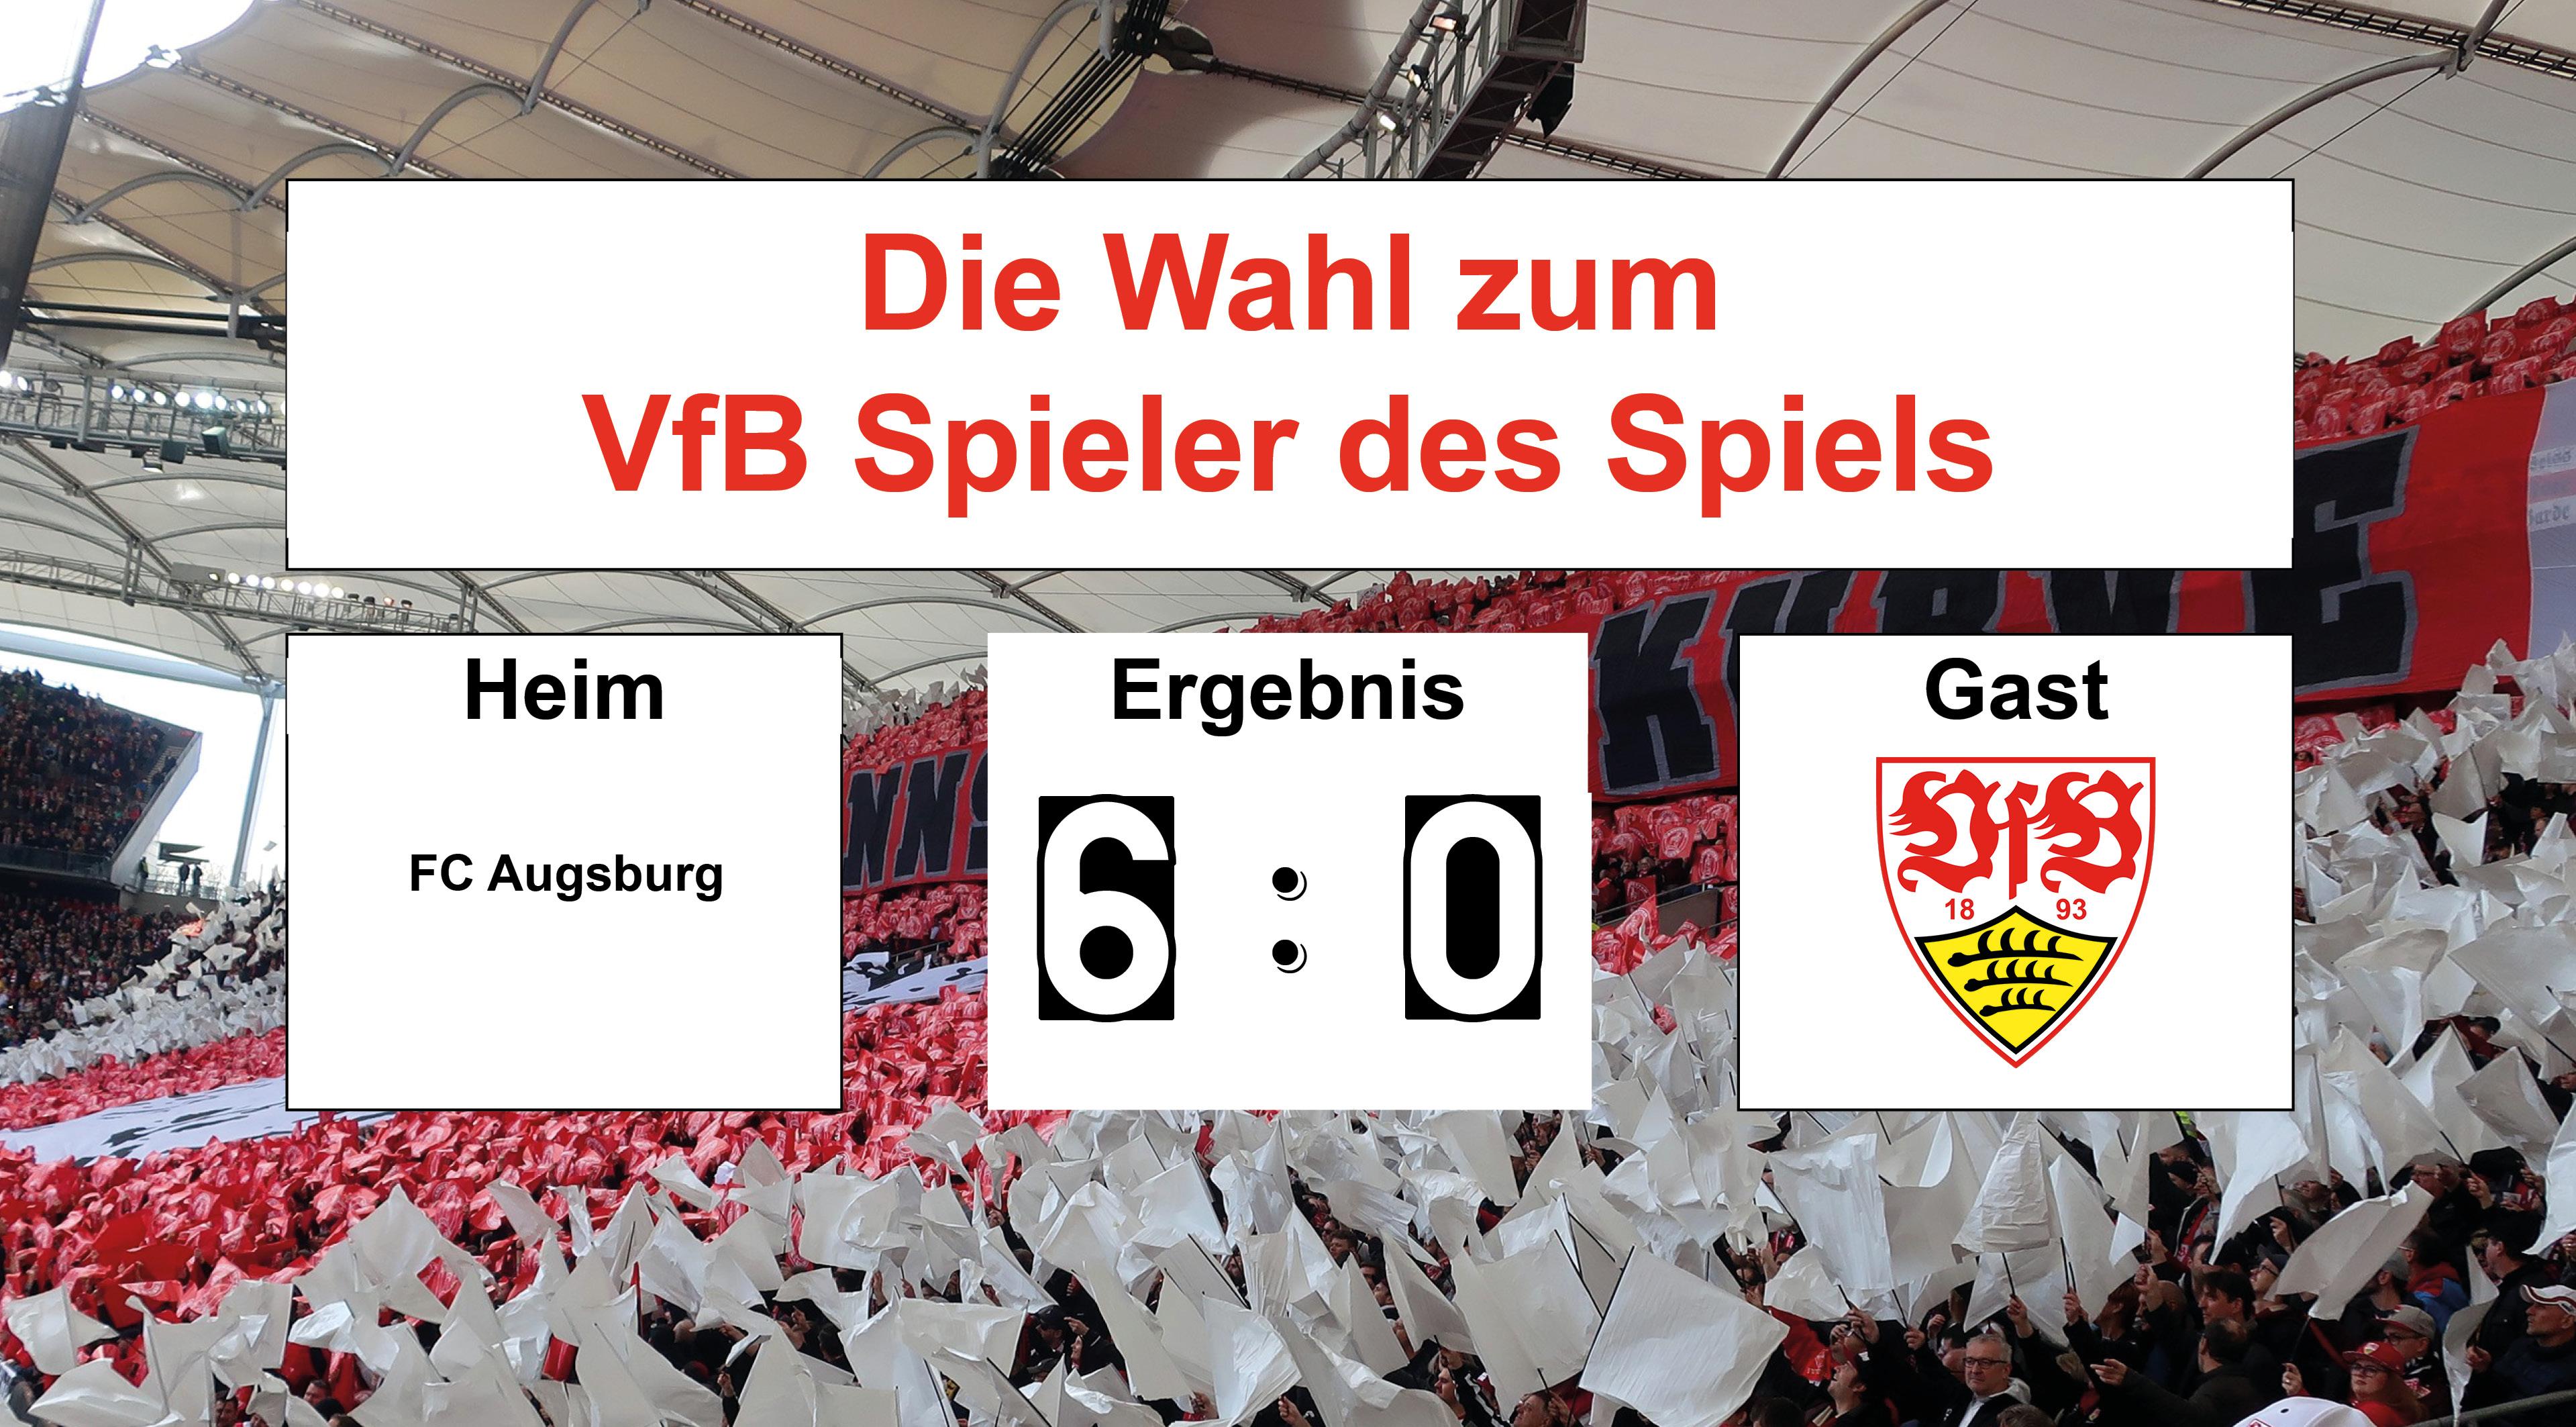 Wahl zum VfB Spieler des Spiels #FCAVfB 20.04.2019